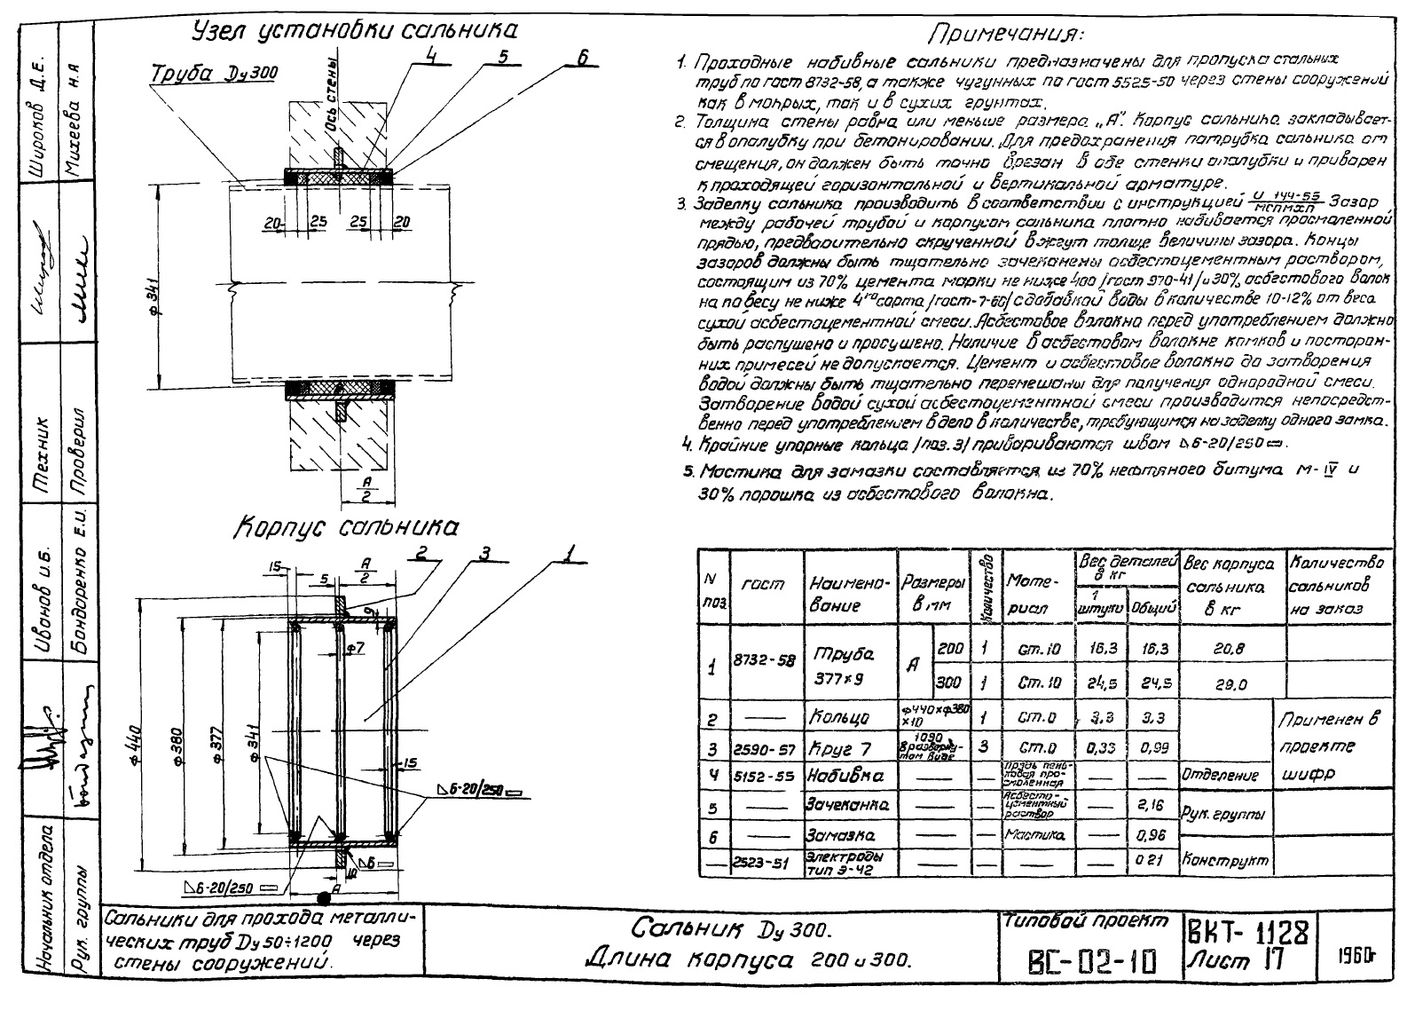 Сальники набивные L = 300 мм типовой проект ВС-02-10 стр.8